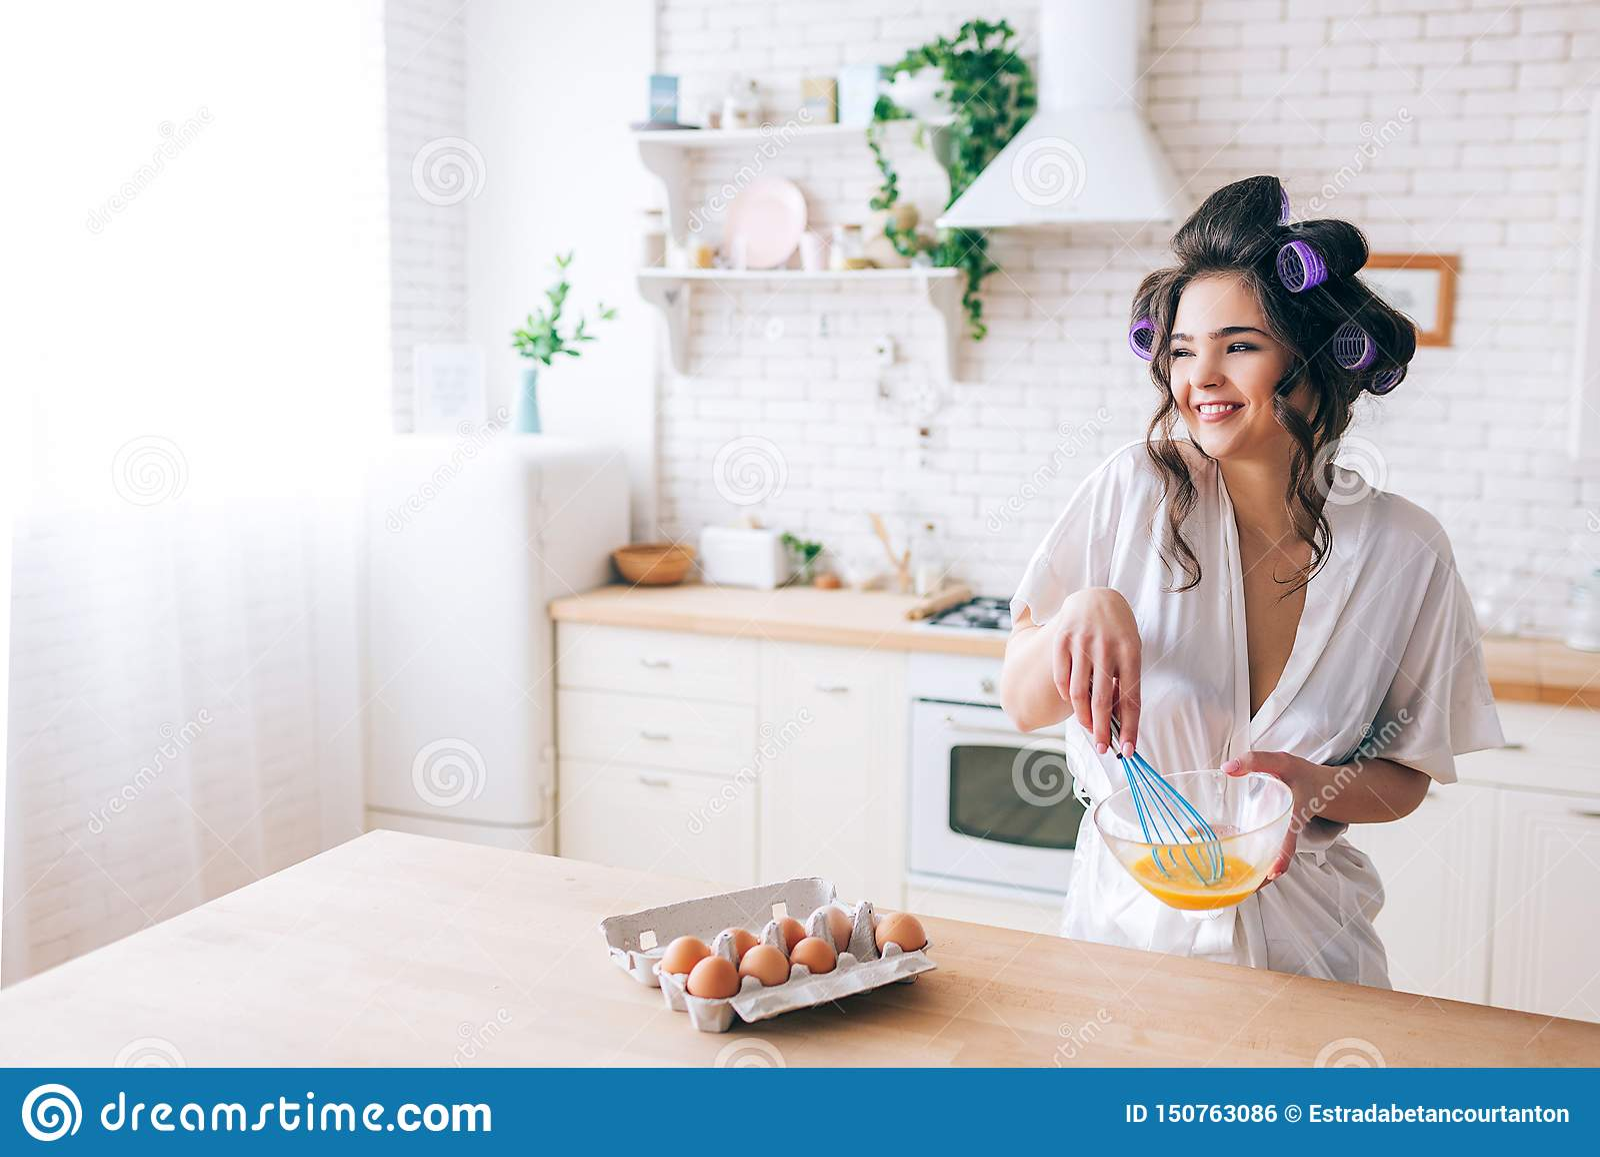 Яйца красивой жизнерадостной славной молодой домохозяйки смешивая в кухне Смотреть, который нужно встать на сторону и усмехнуться